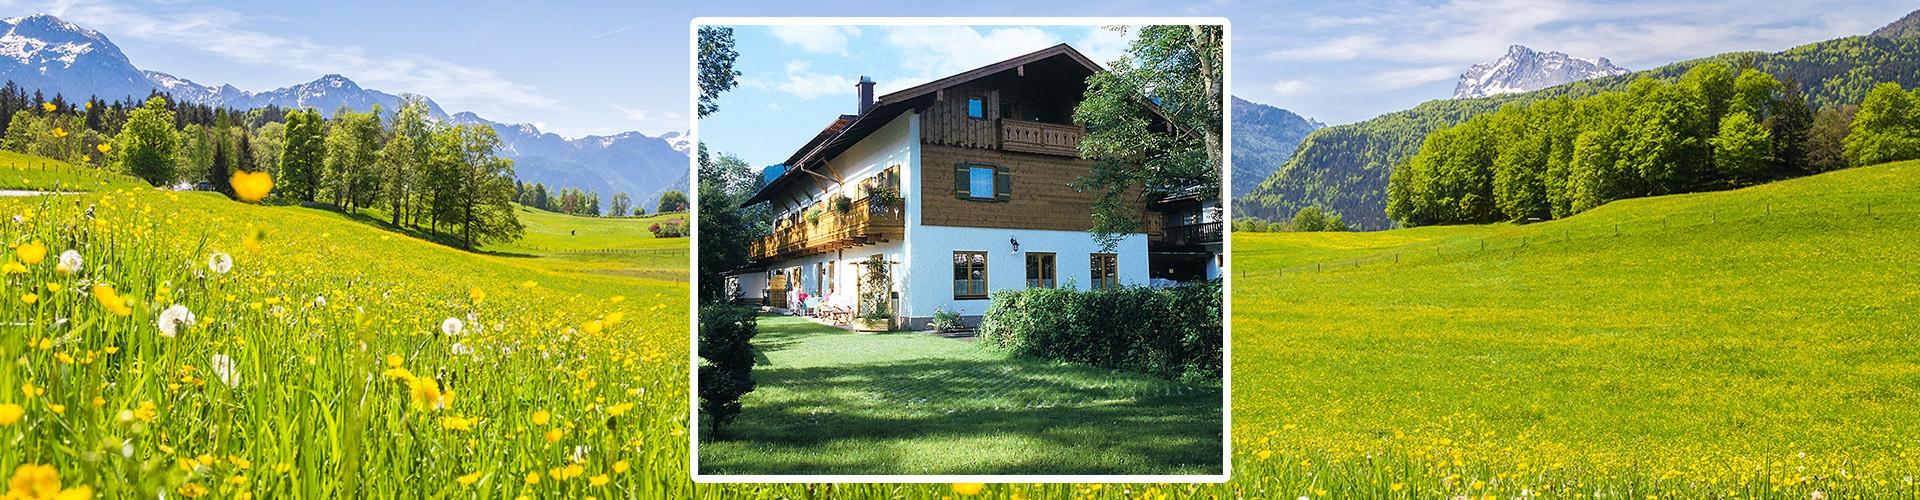 Ferienwohnung Zillnhäusl - Schönau a Königssee